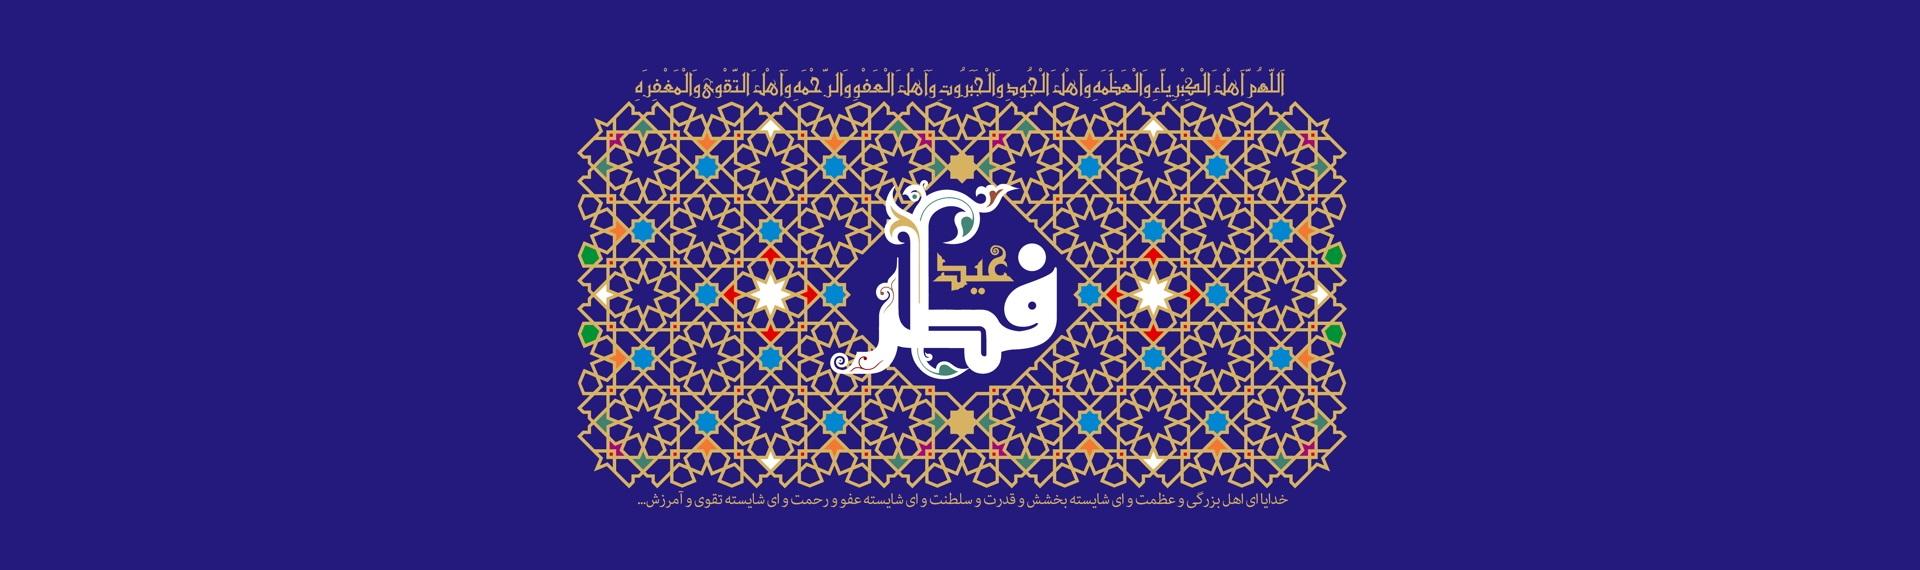 پترونول عید سعید فطر را به تمامی مسلمانان جهان تبریک و تهنیت عرض می نماید.